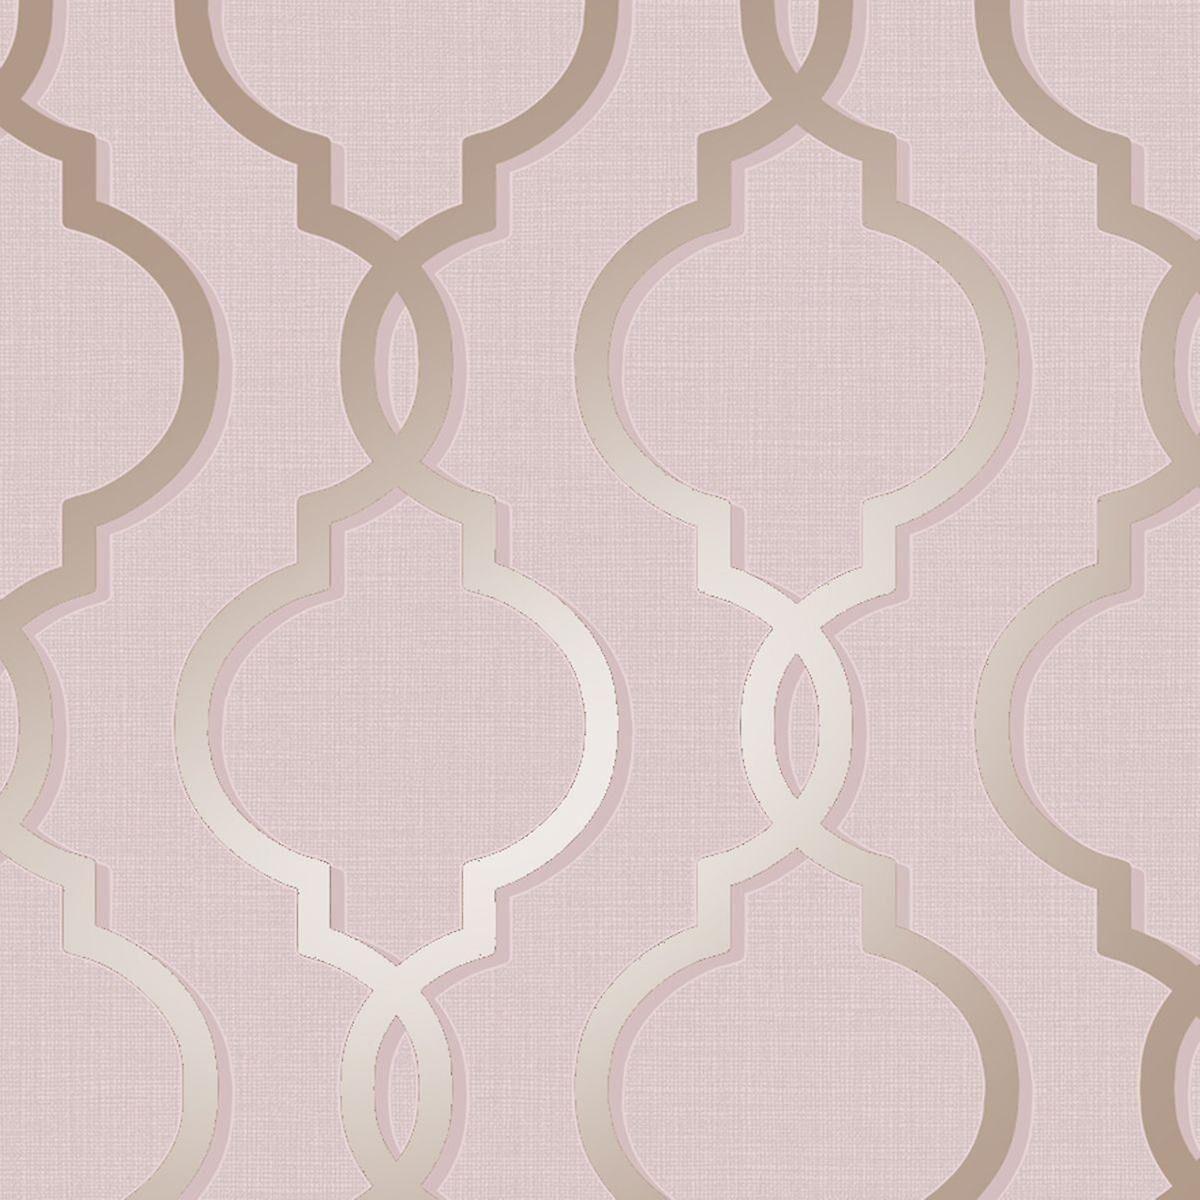 Holden Decor Treillis géométrique motif papier peint baroque rose or métallisé paillettes rétro